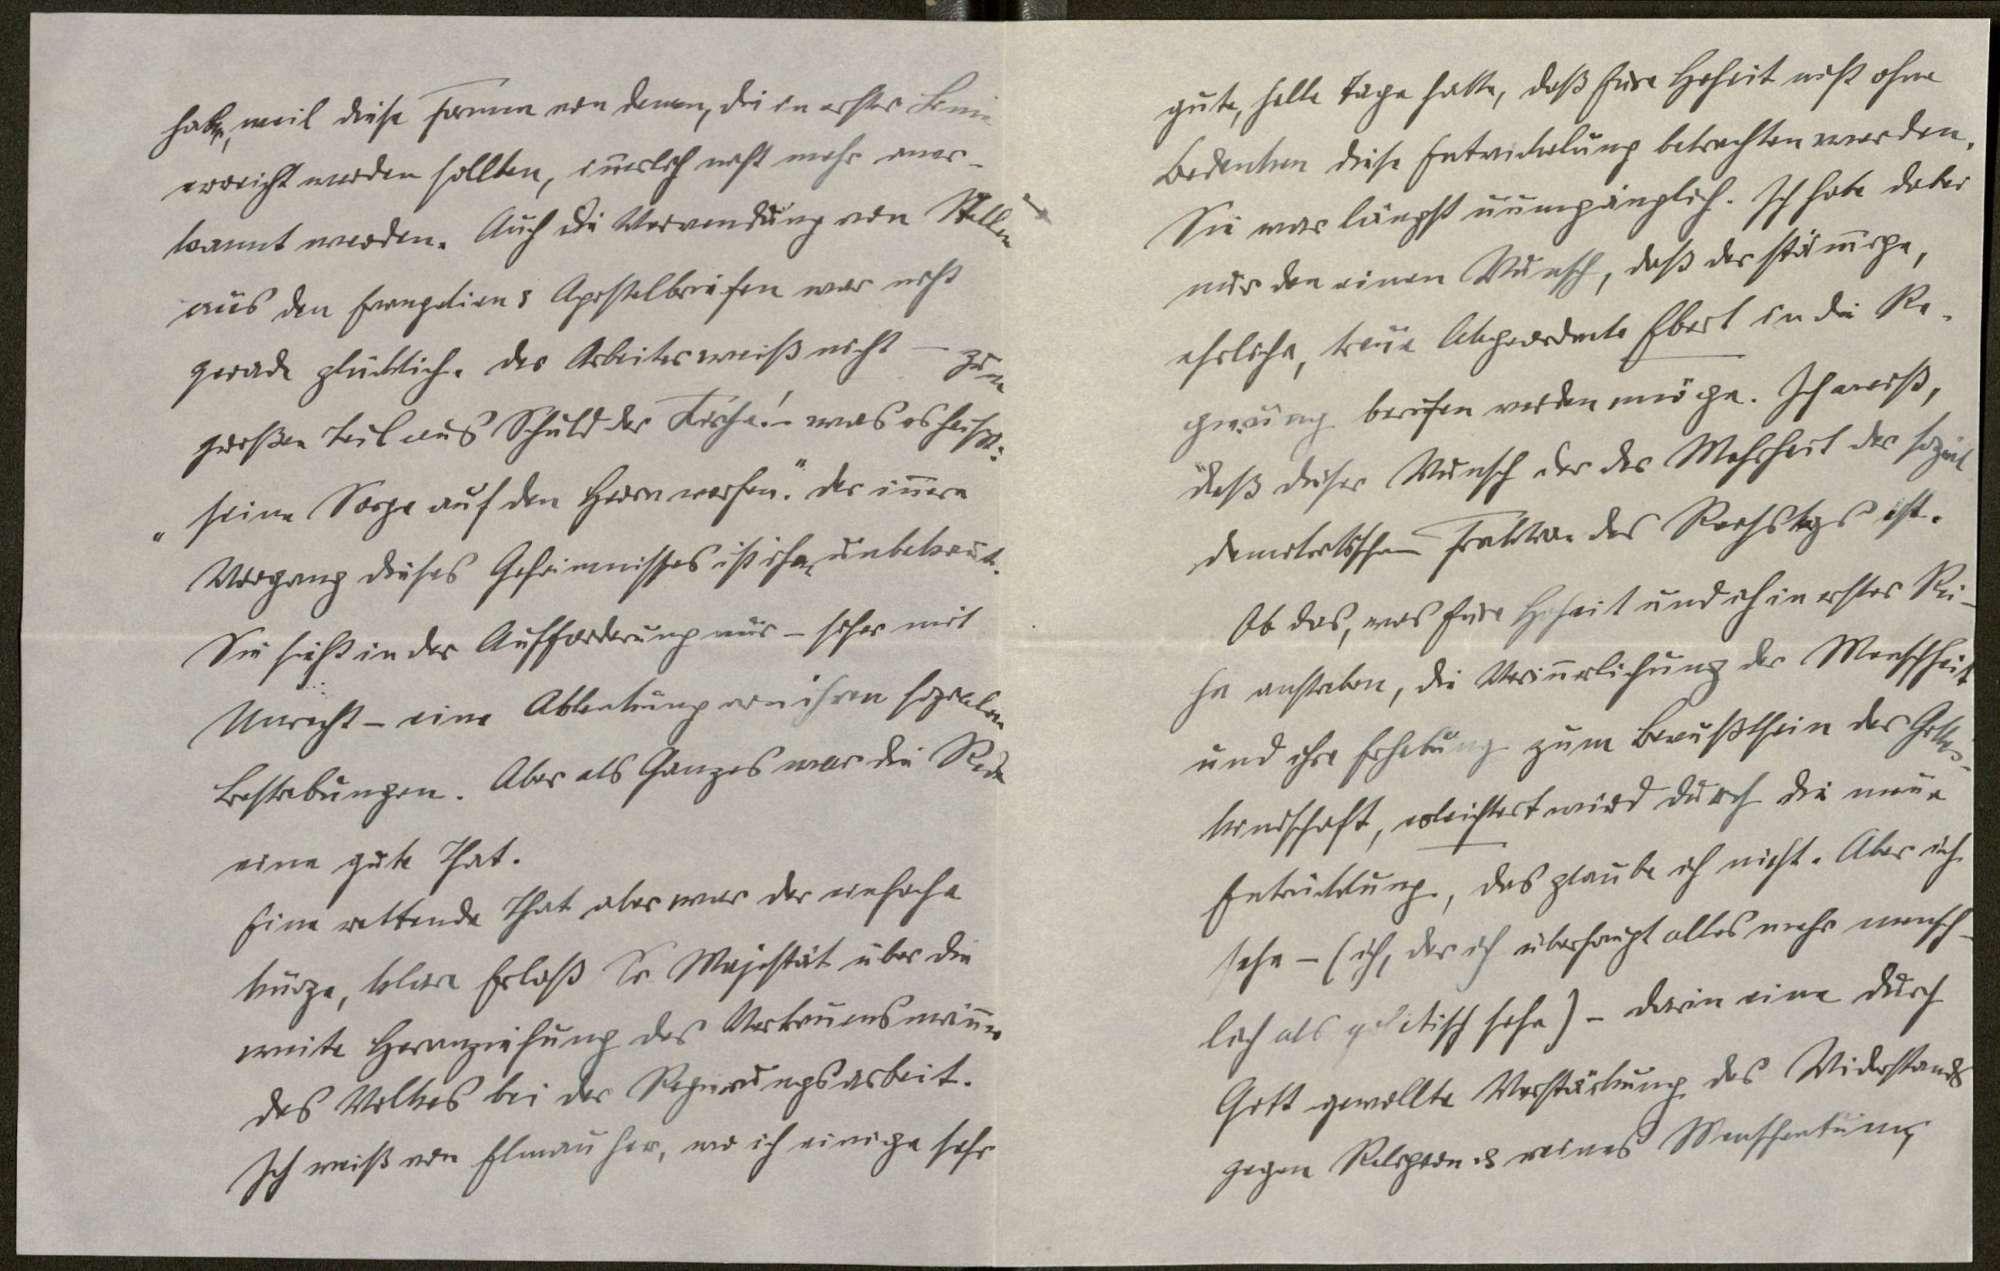 Schreiben von Anton Fendrich an Prinz Max von Baden; Regierungsbeteiligung Friedrich Eberts, Bild 2